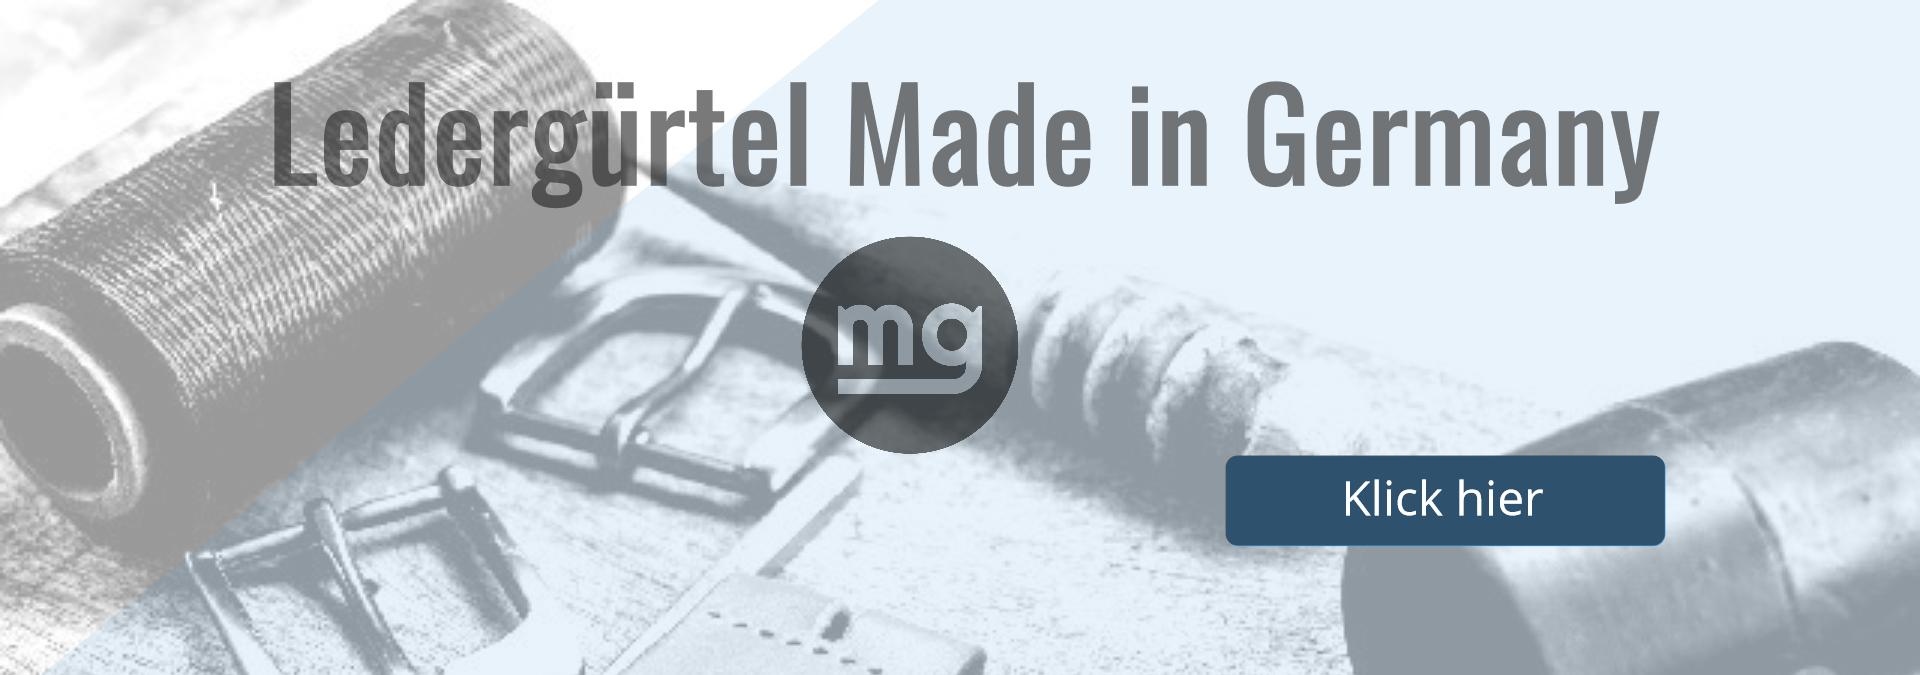 MG Gürtel